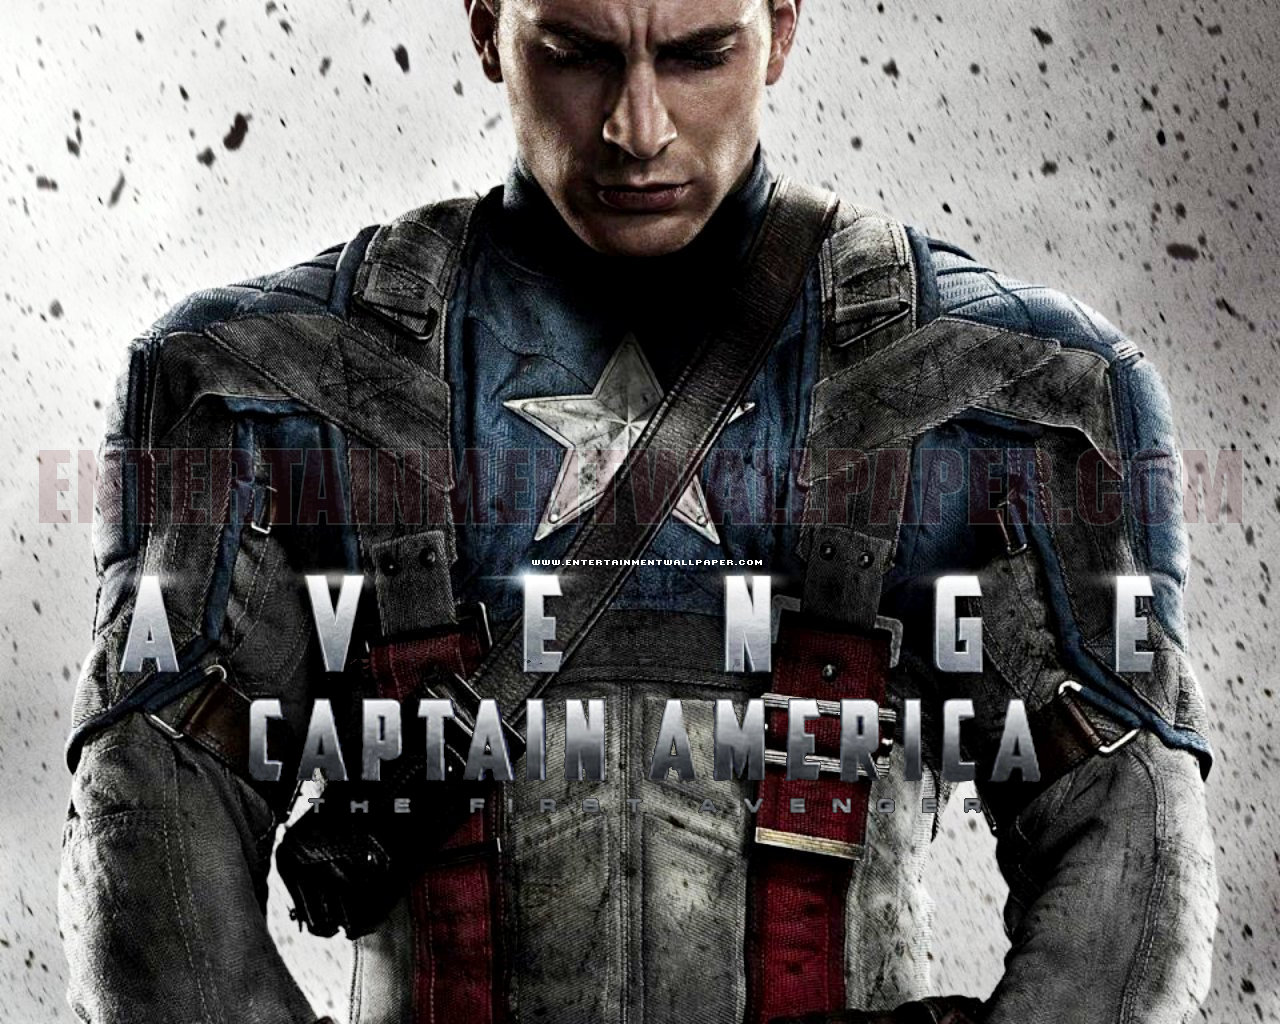 http://3.bp.blogspot.com/-oGG2_MZU2PA/Th4eTZrdpiI/AAAAAAAAAUA/4eQMFaZ5lxE/s1600/captain_america_the_first_avenger01.jpg